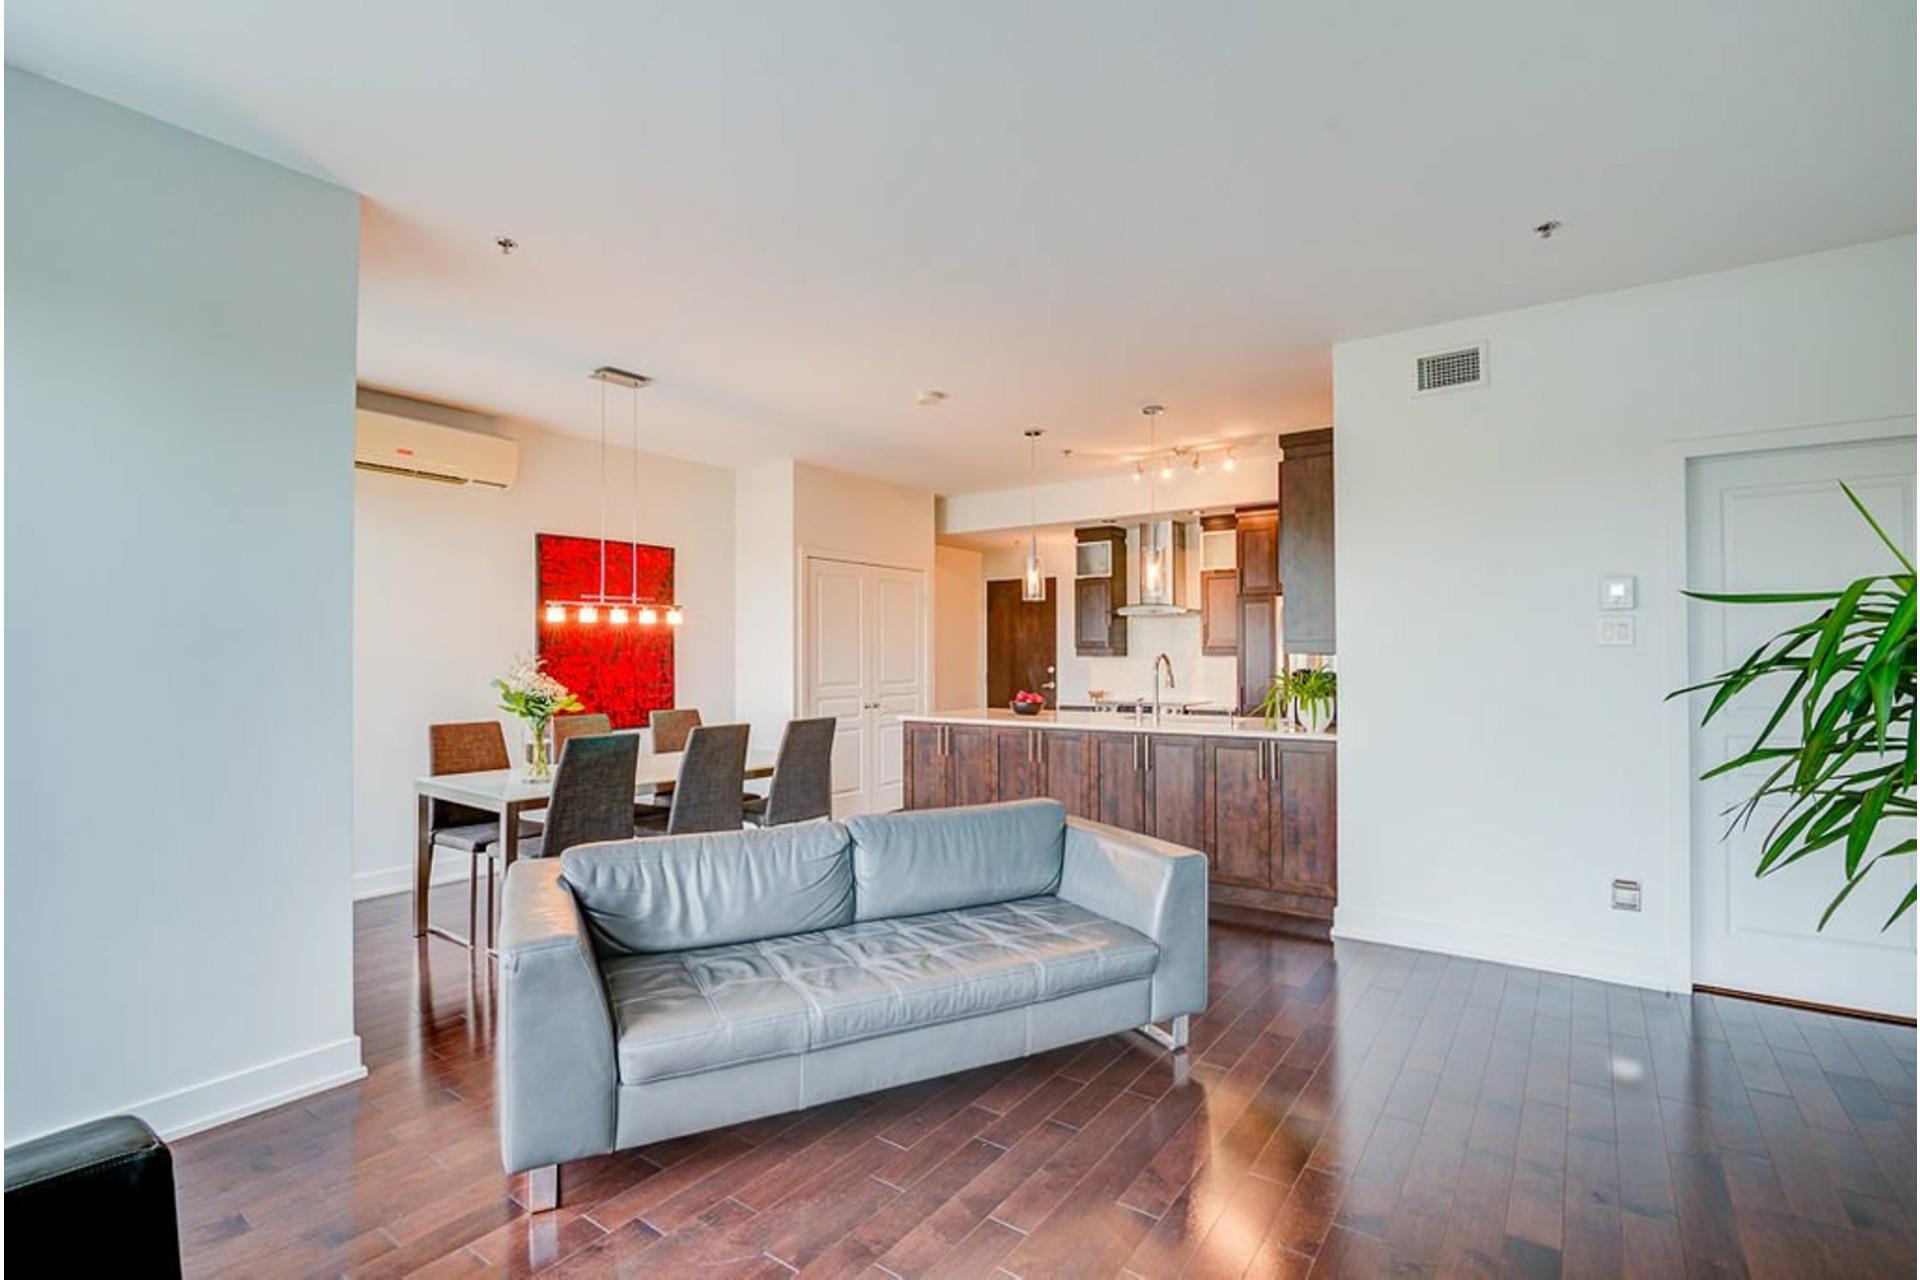 image 5 - Appartement À vendre Villeray/Saint-Michel/Parc-Extension Montréal  - 6 pièces